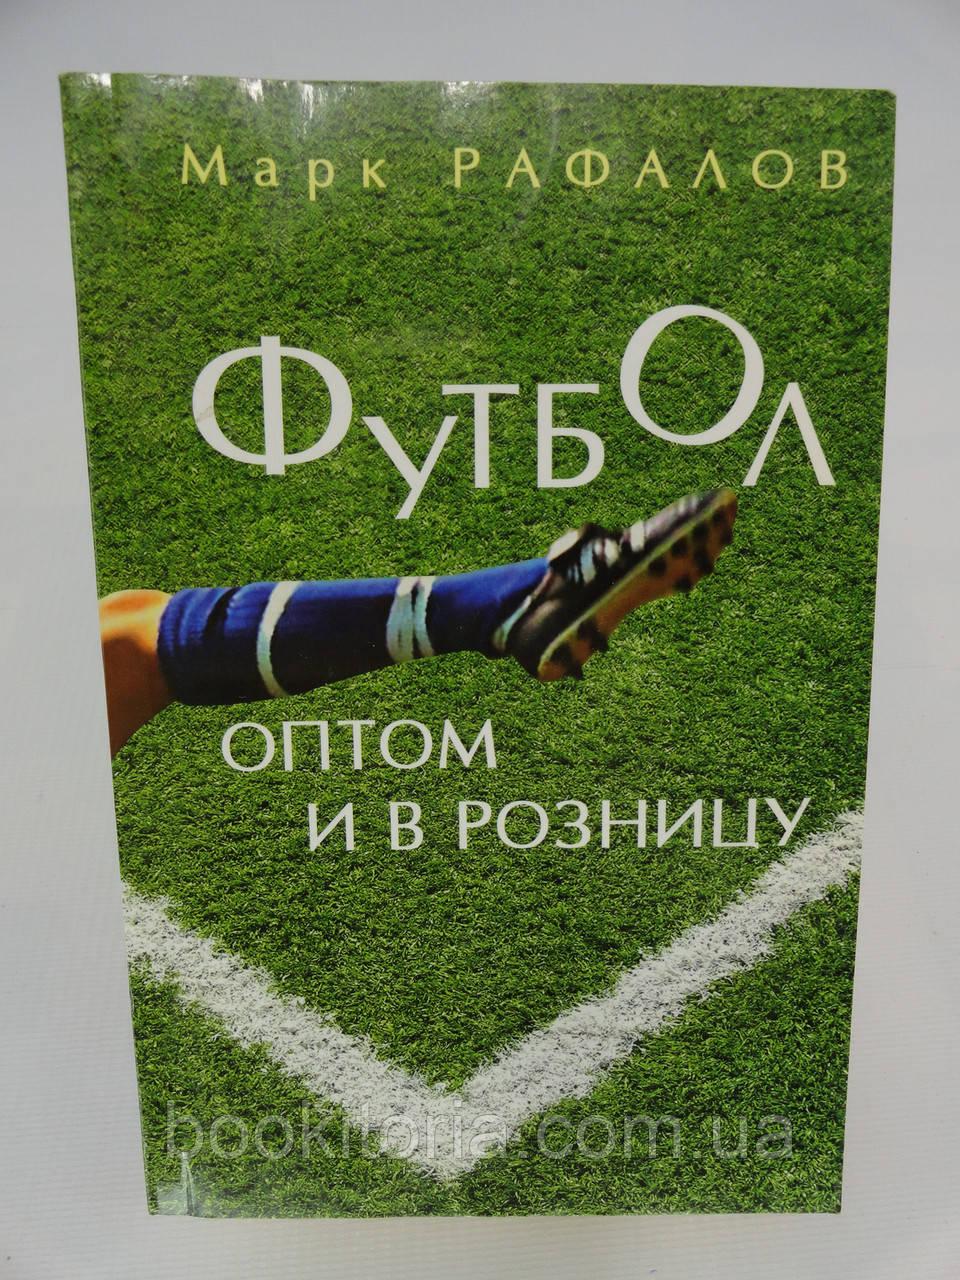 Рафалов М. Футбол оптом и в розницу (б/у).